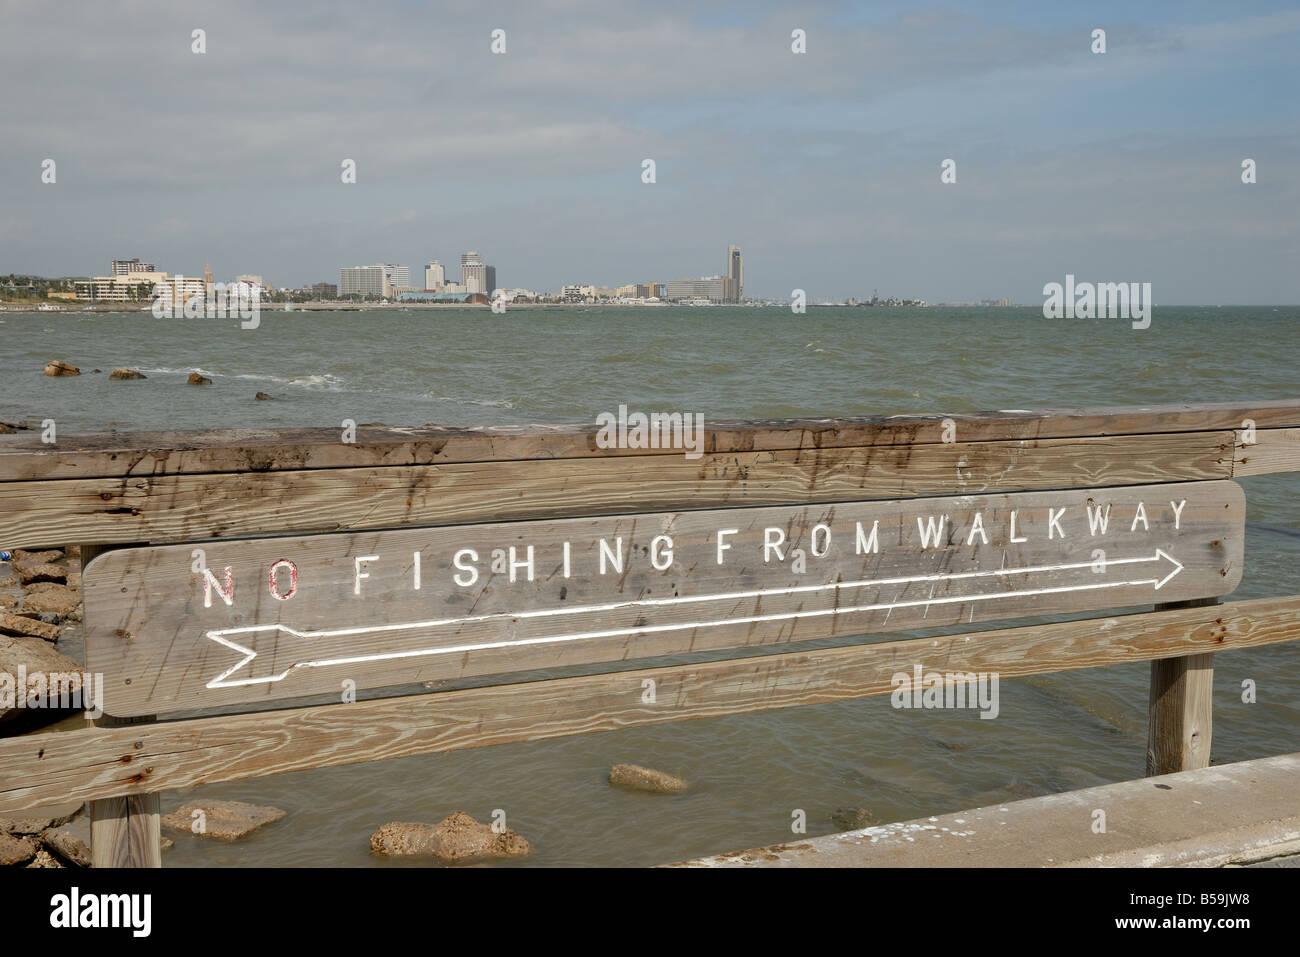 Pier in Corpus Christi, Texas USA - Stock Image